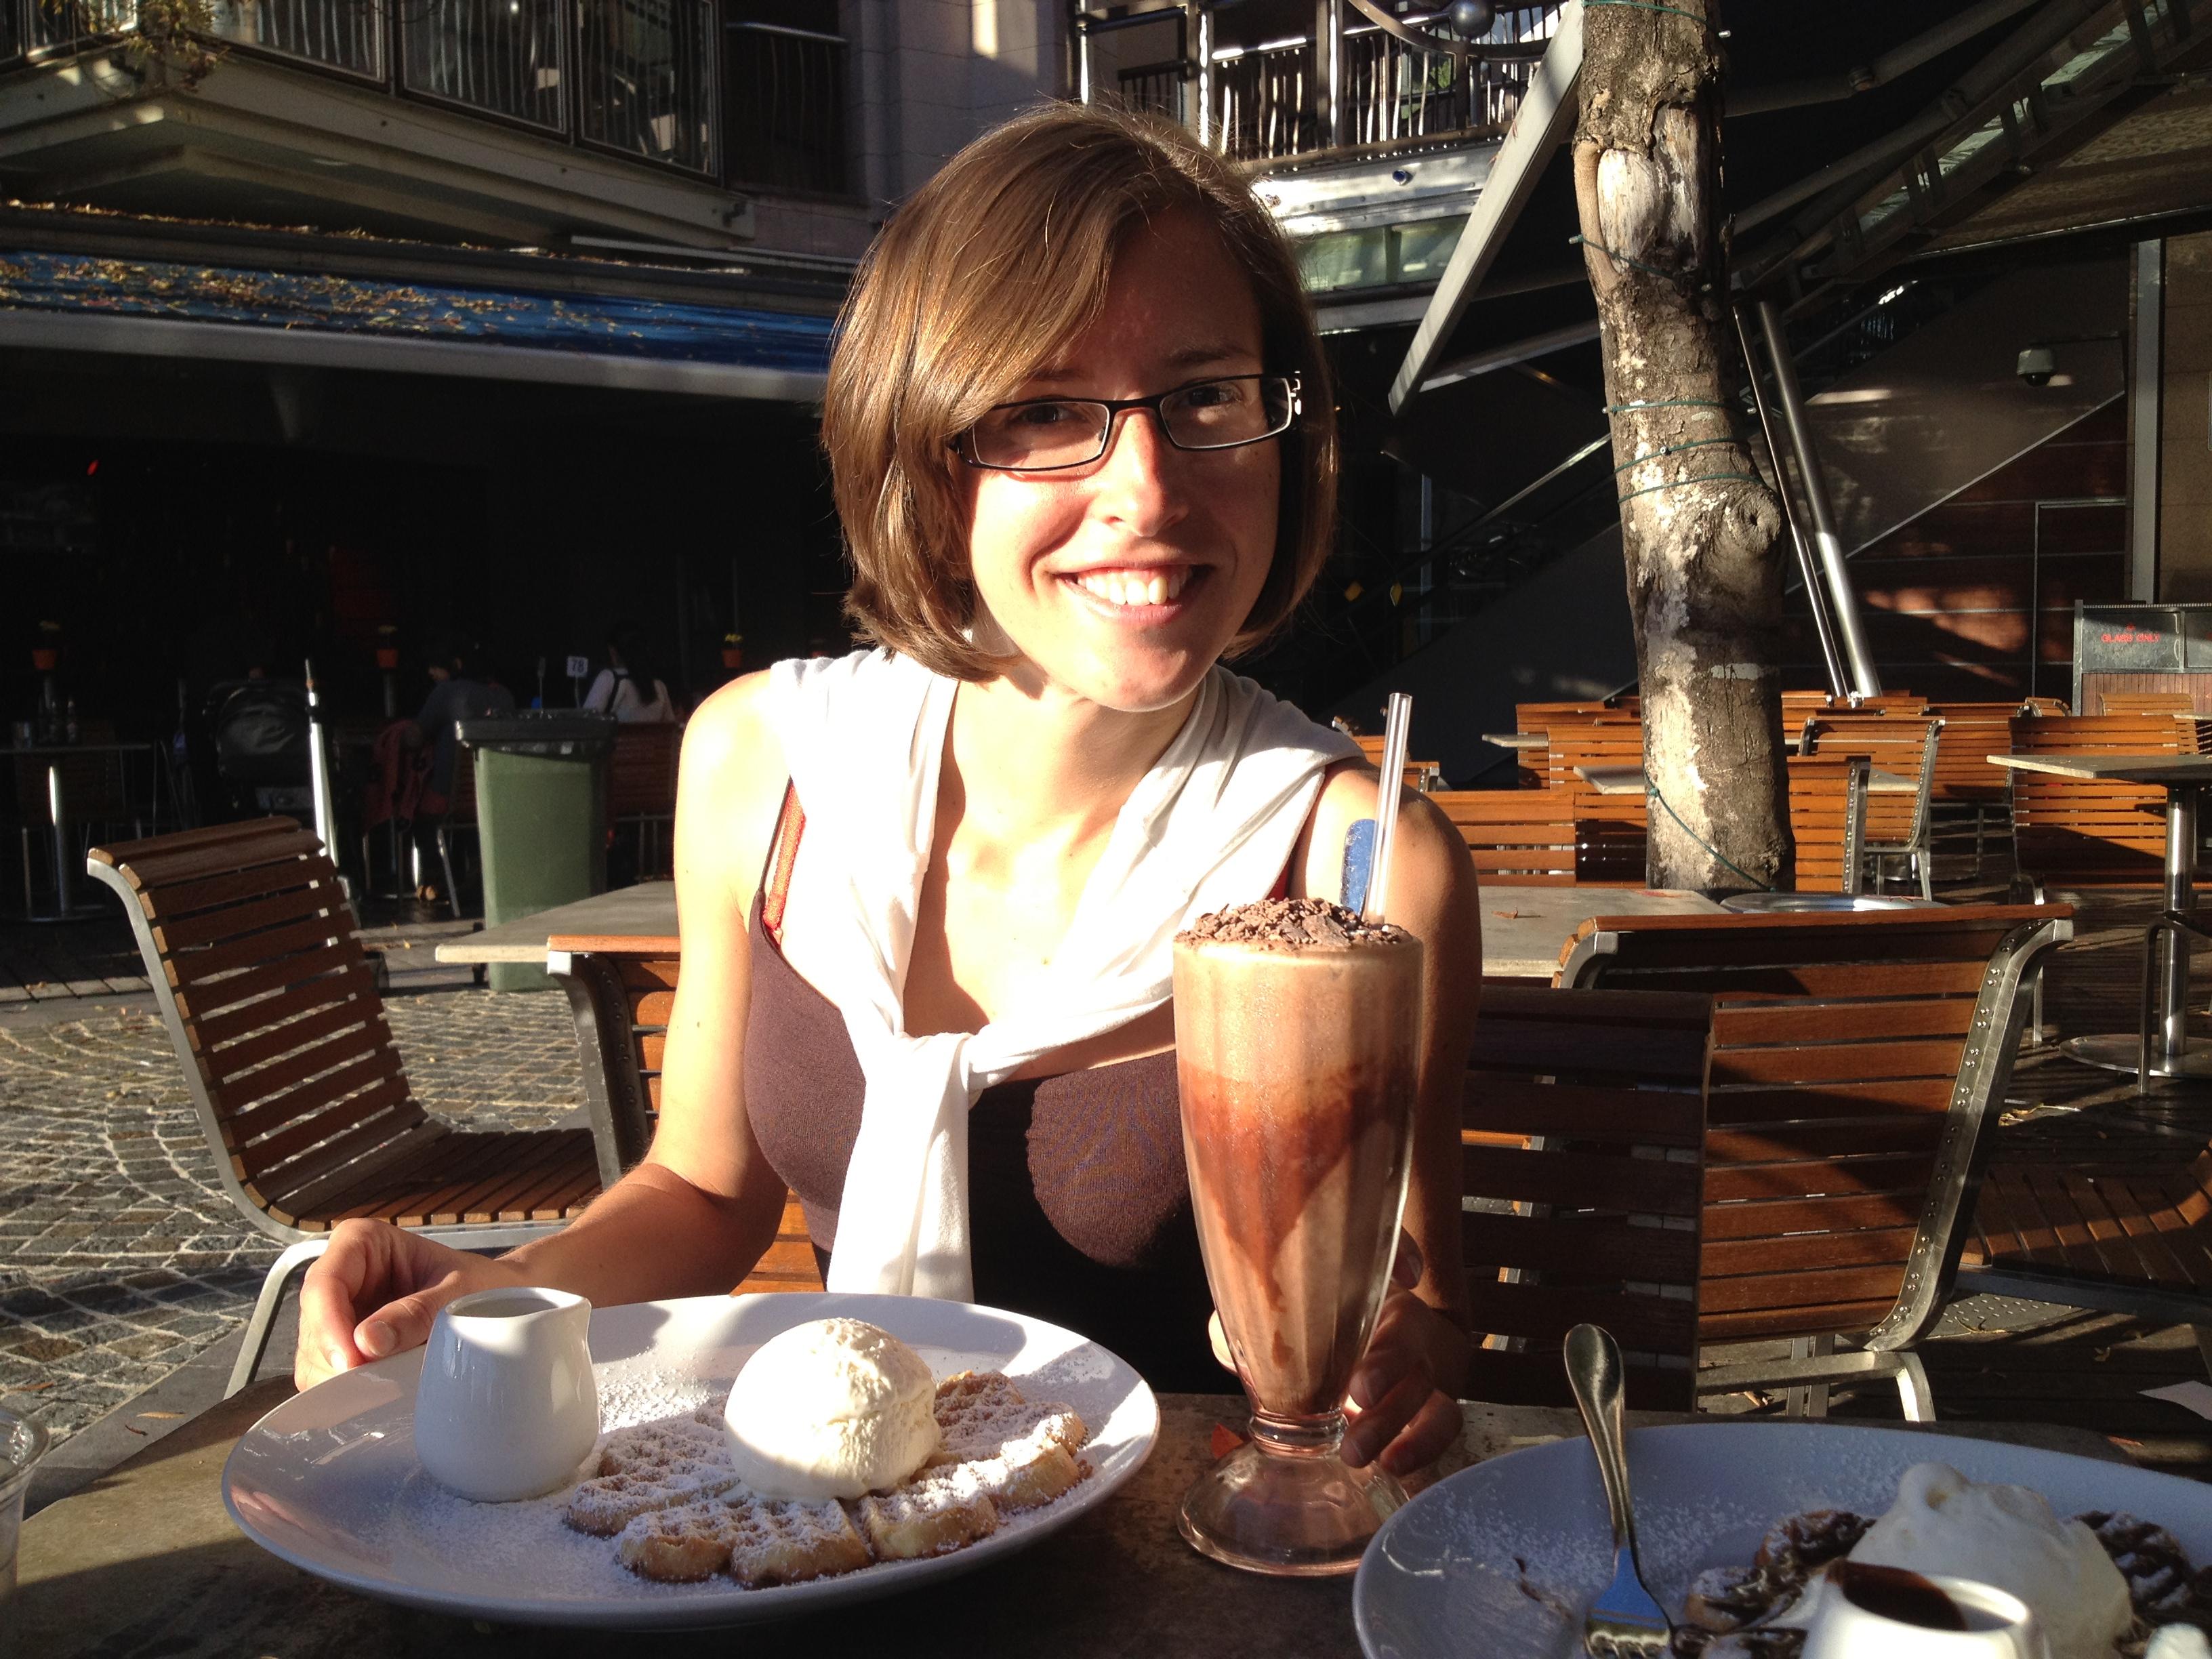 Halte au Café Lindt - Yummy Yummy ! (comme disent les anglophones)